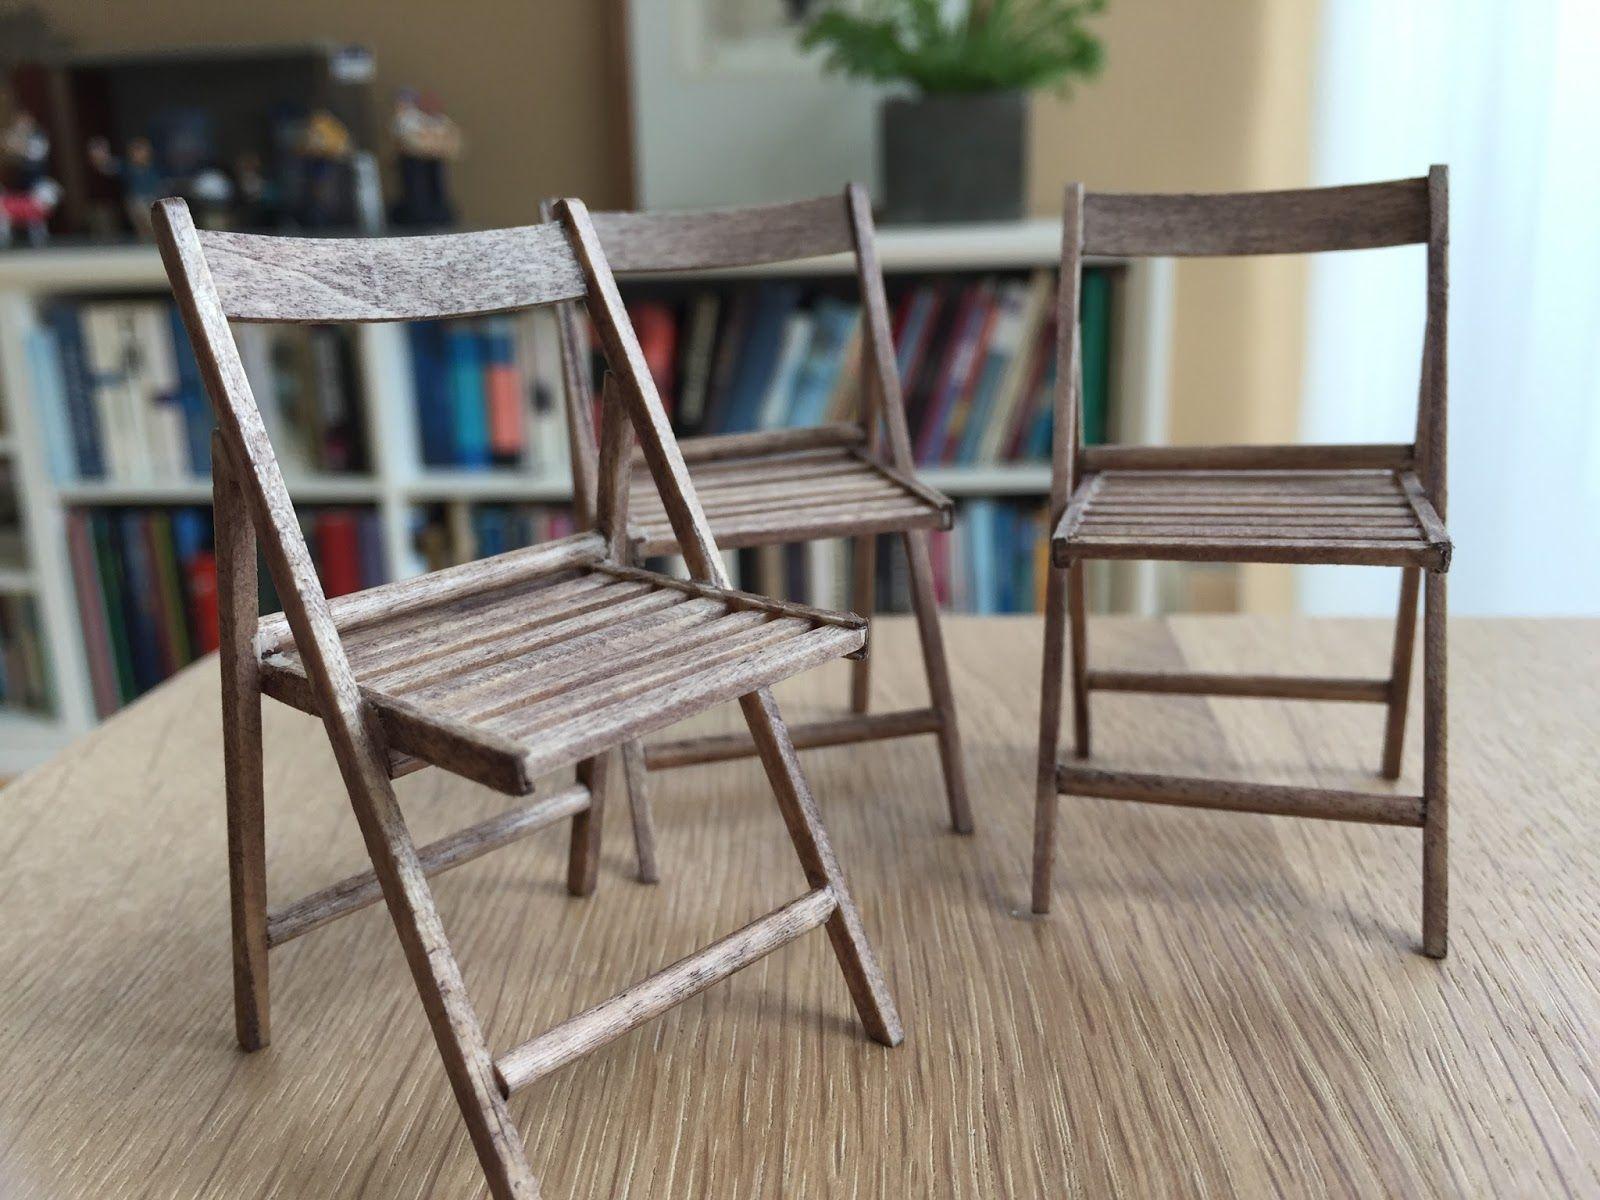 Stoff Klapp Stuhle Weiss Holz Klappstuhle Grosshandel Folding Lounge